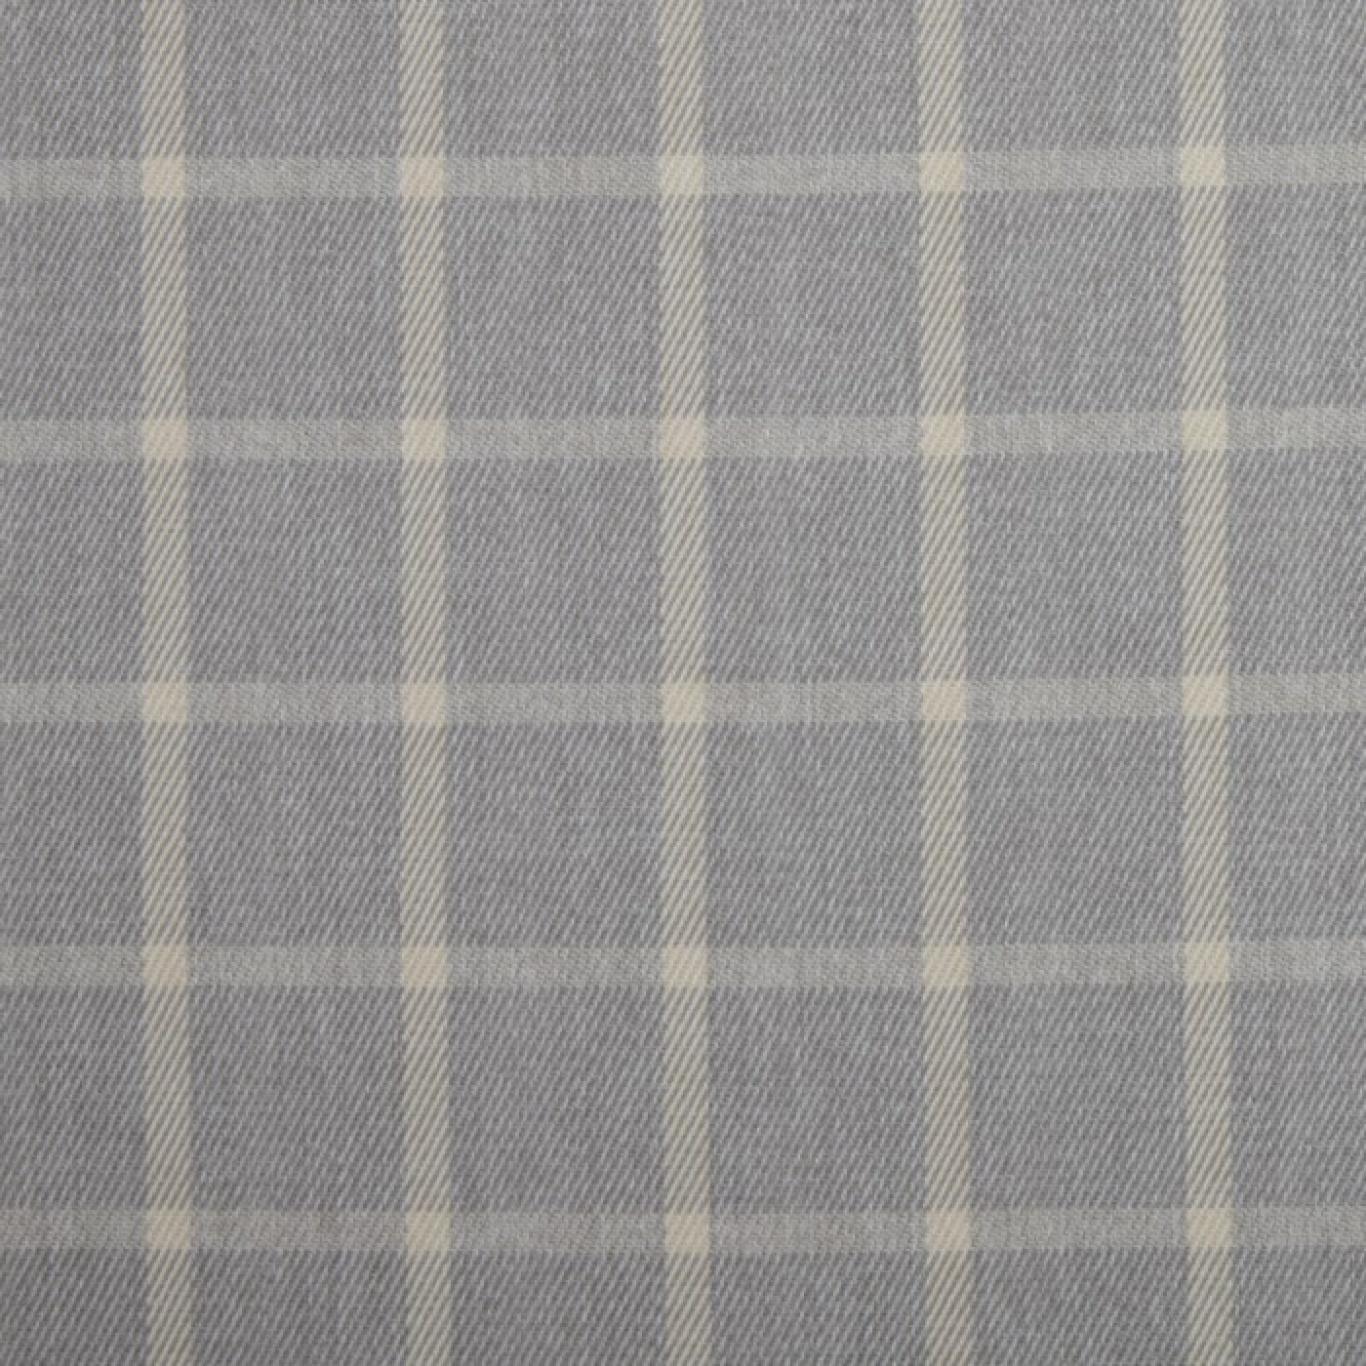 Image of Prestigious Halkirk Pebble Fabric